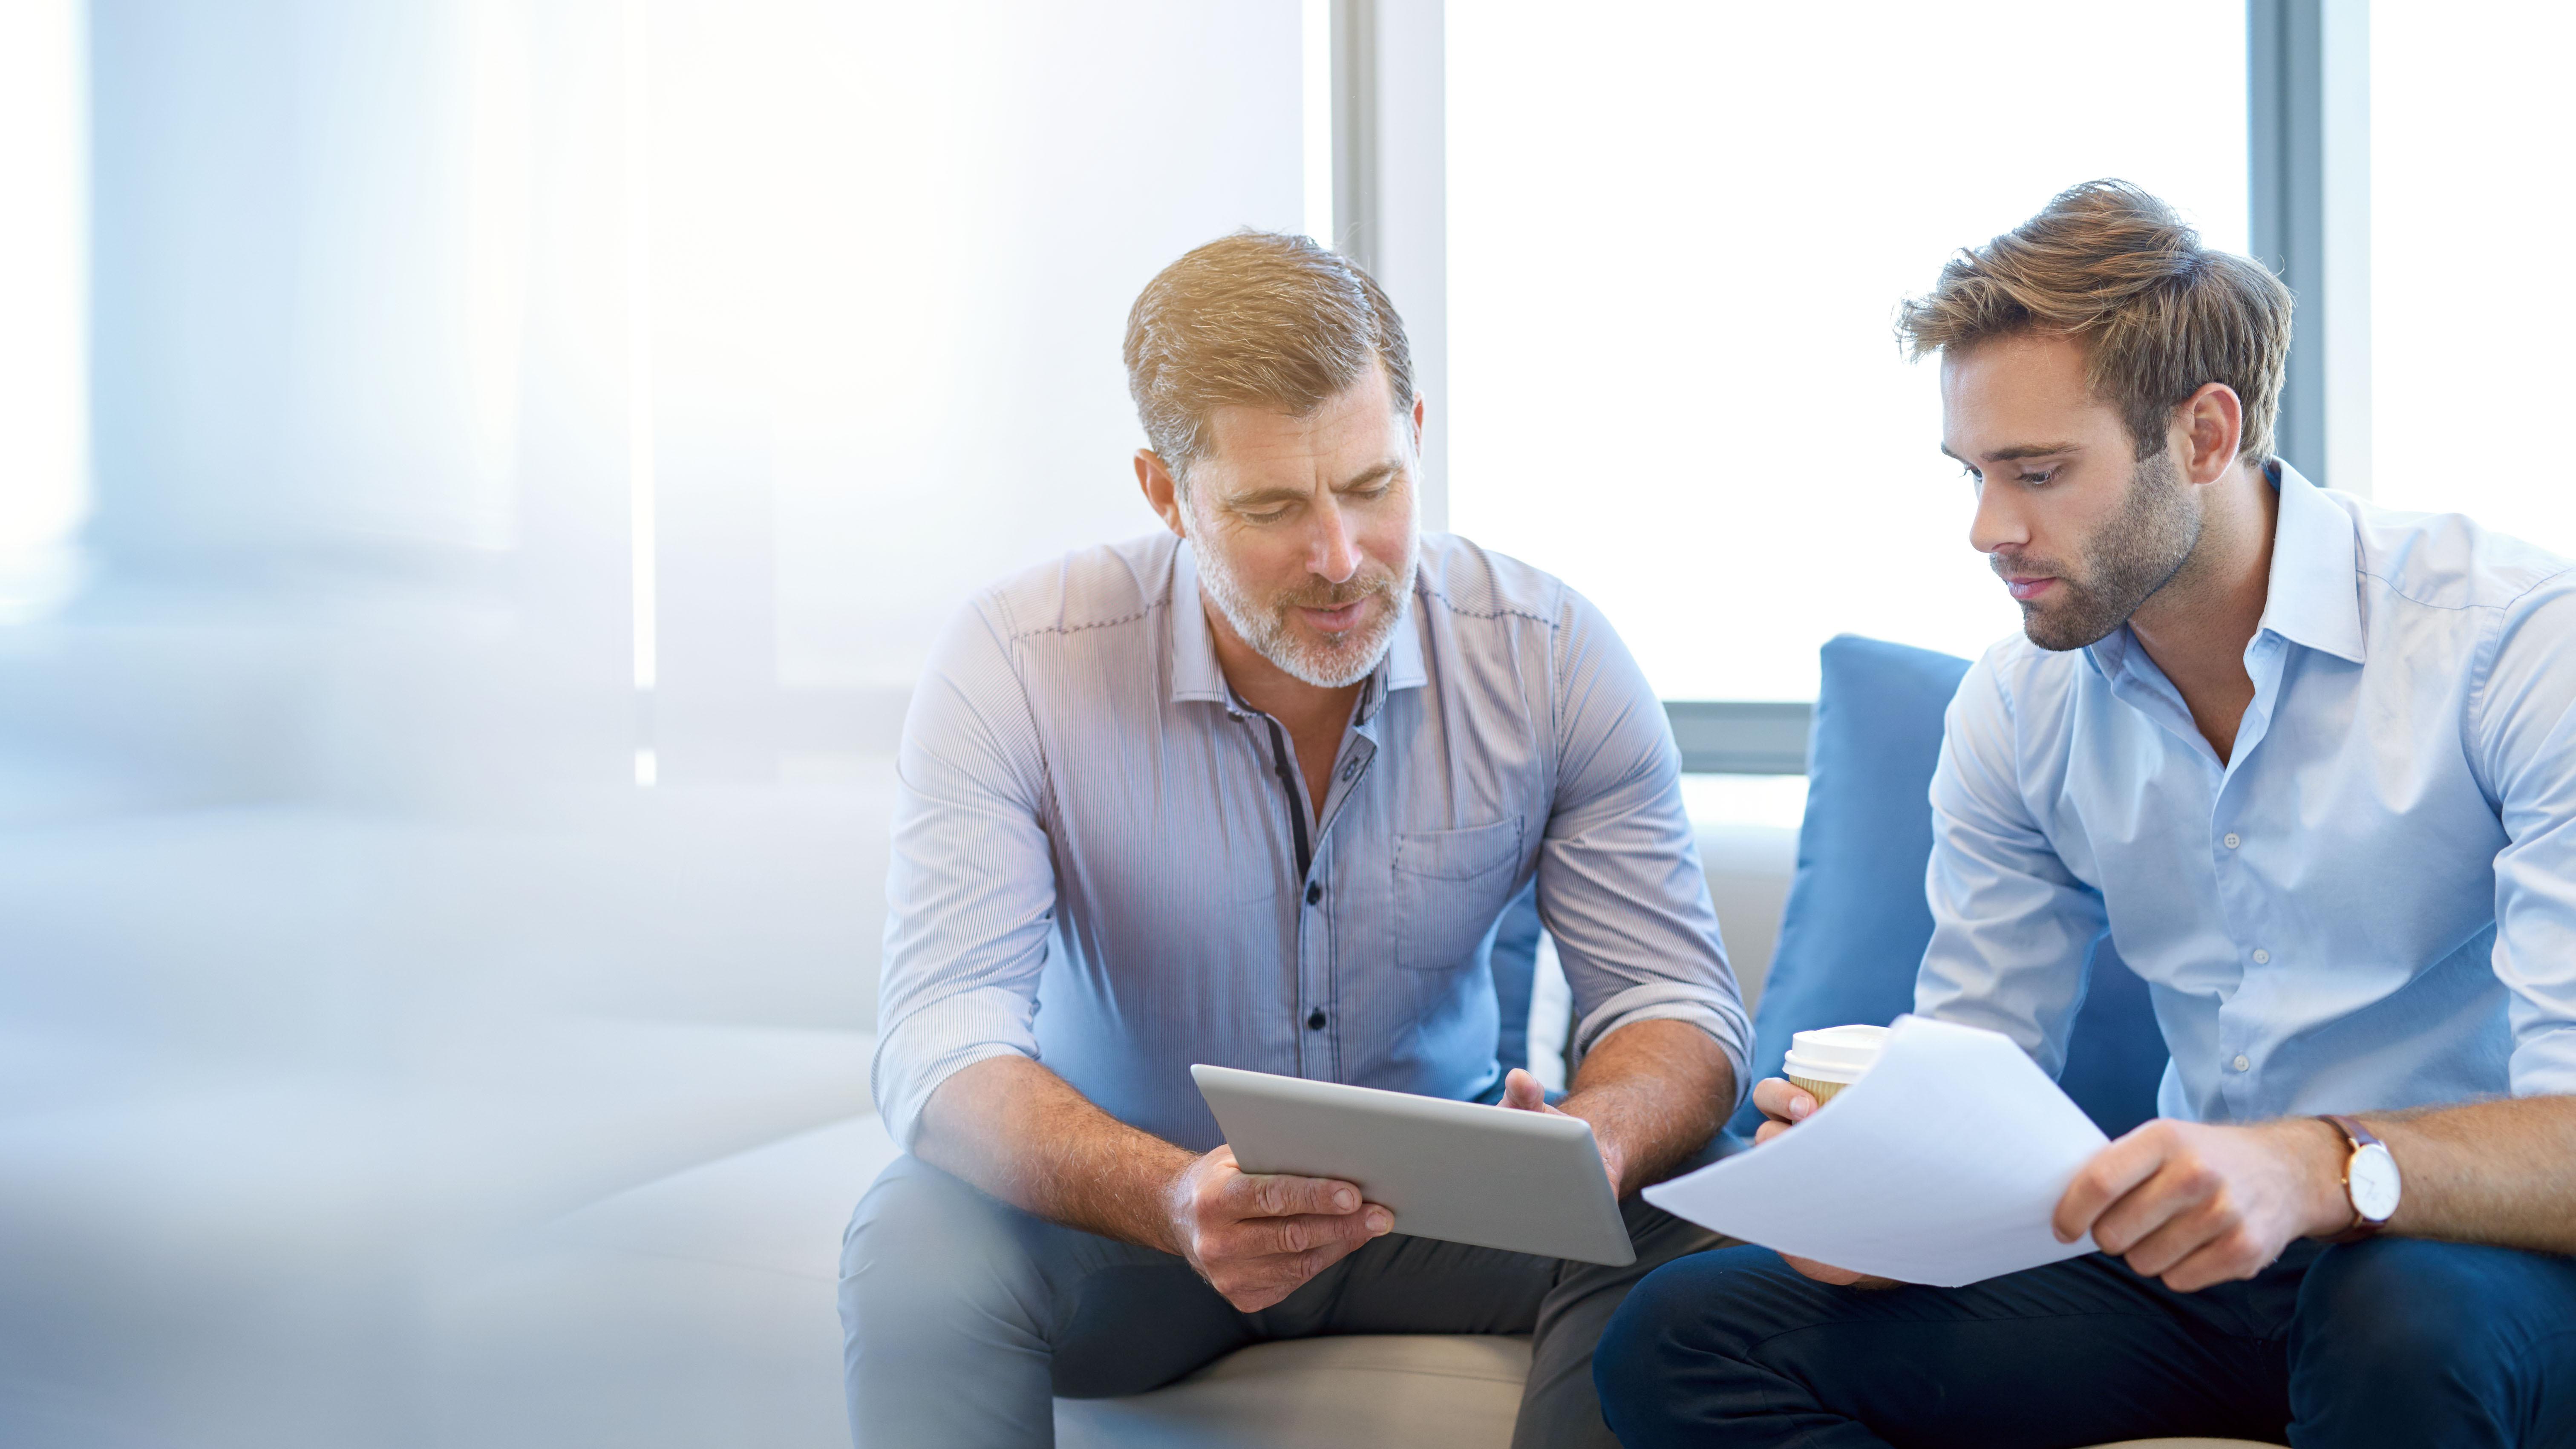 mentoring-at-work-blog-image